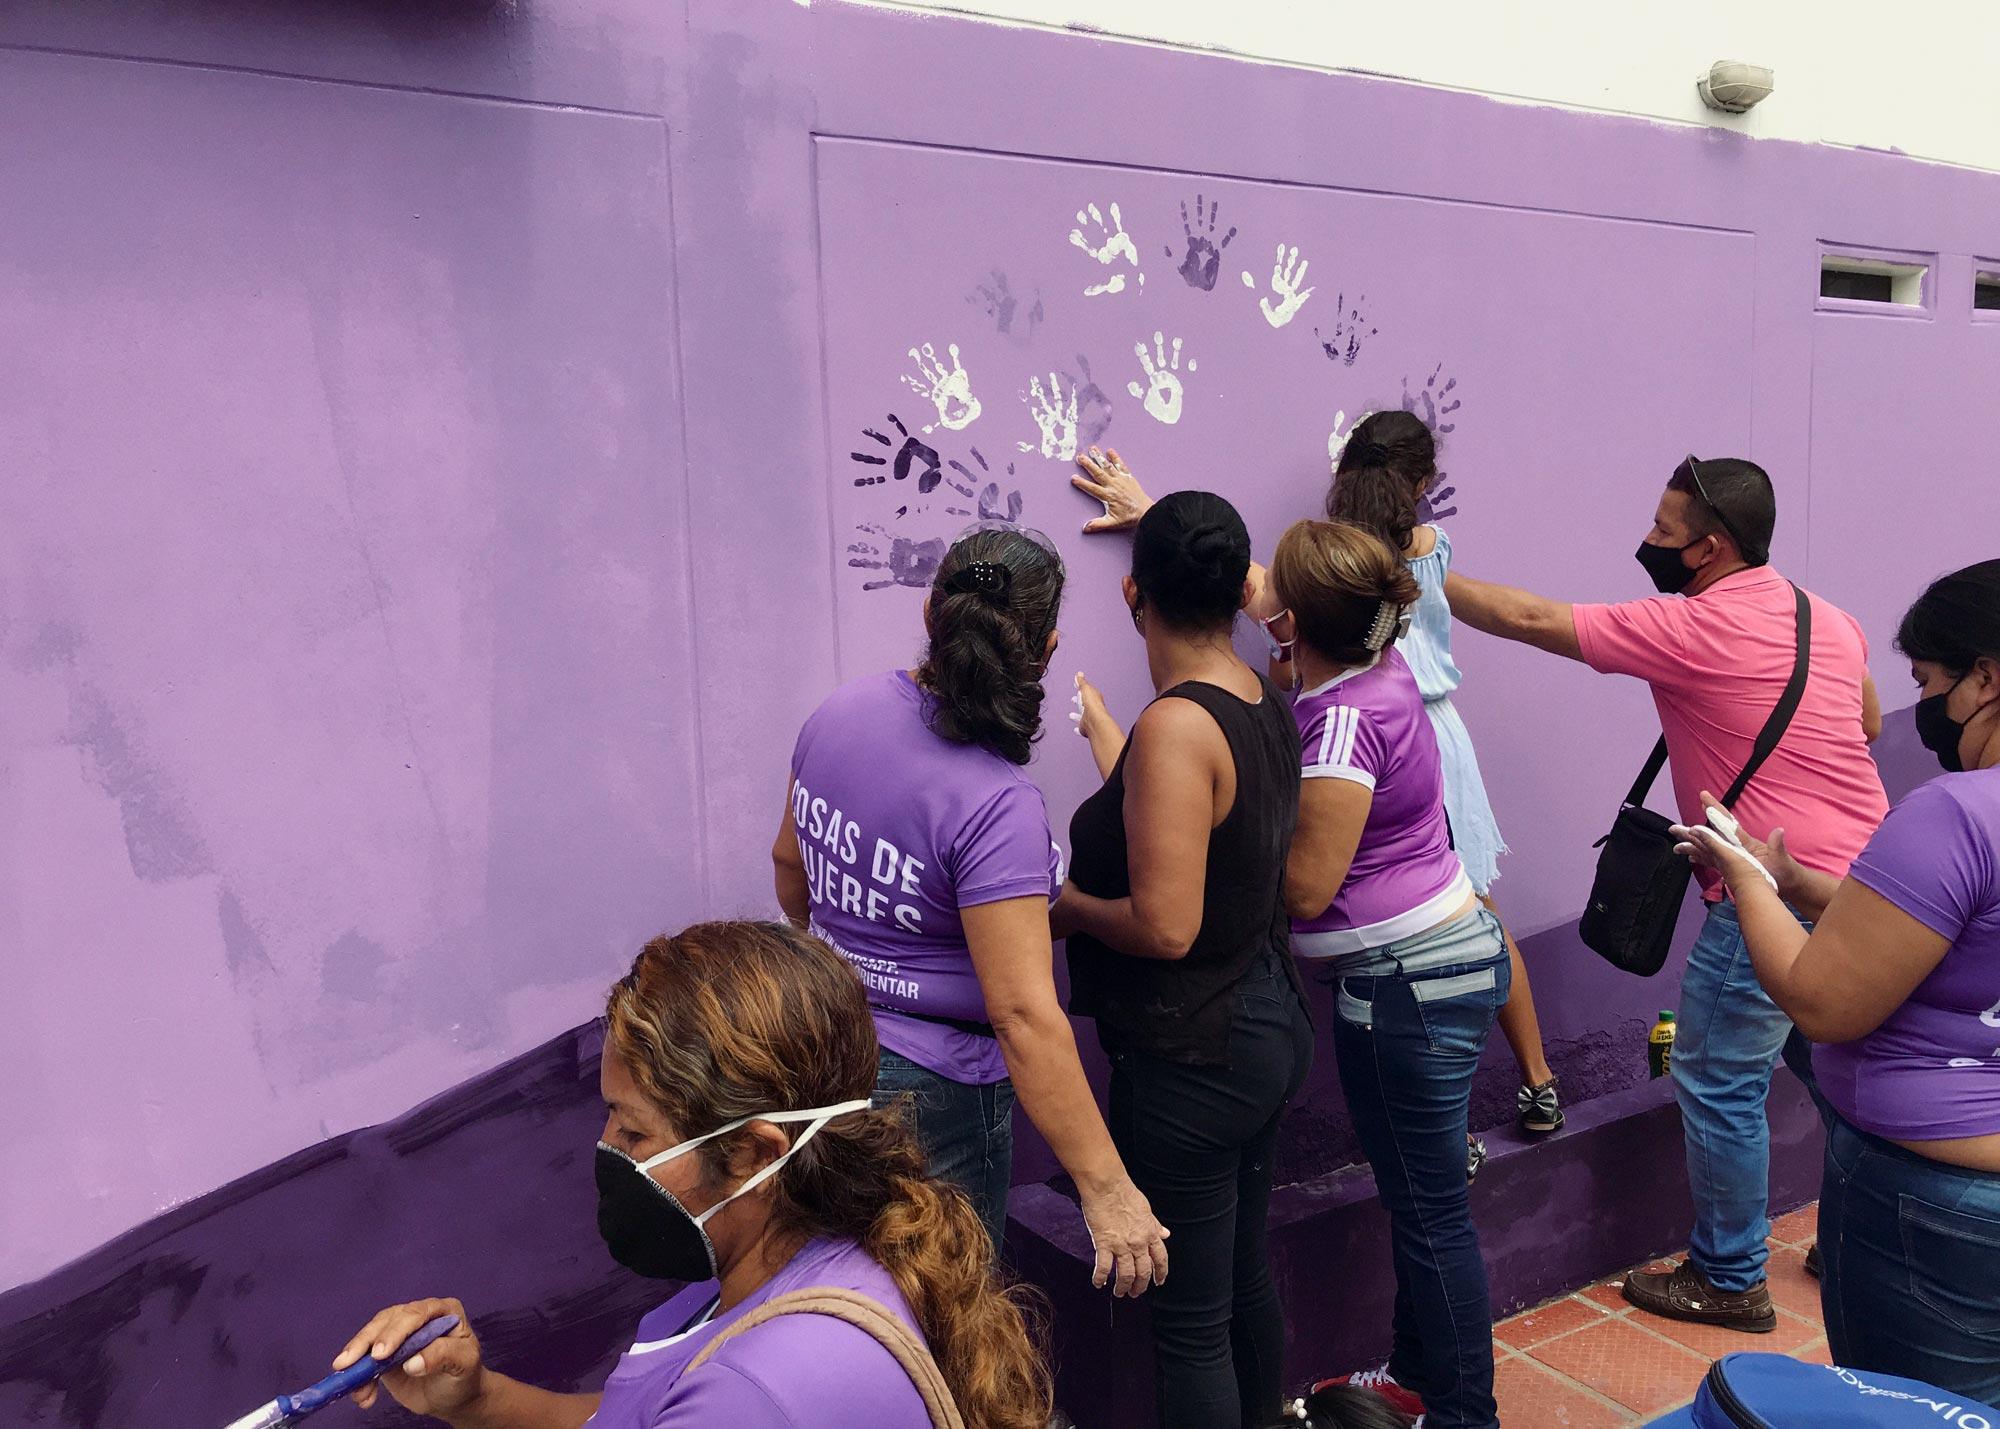 Cosas de Mujeres community activity. © Julia Zulver